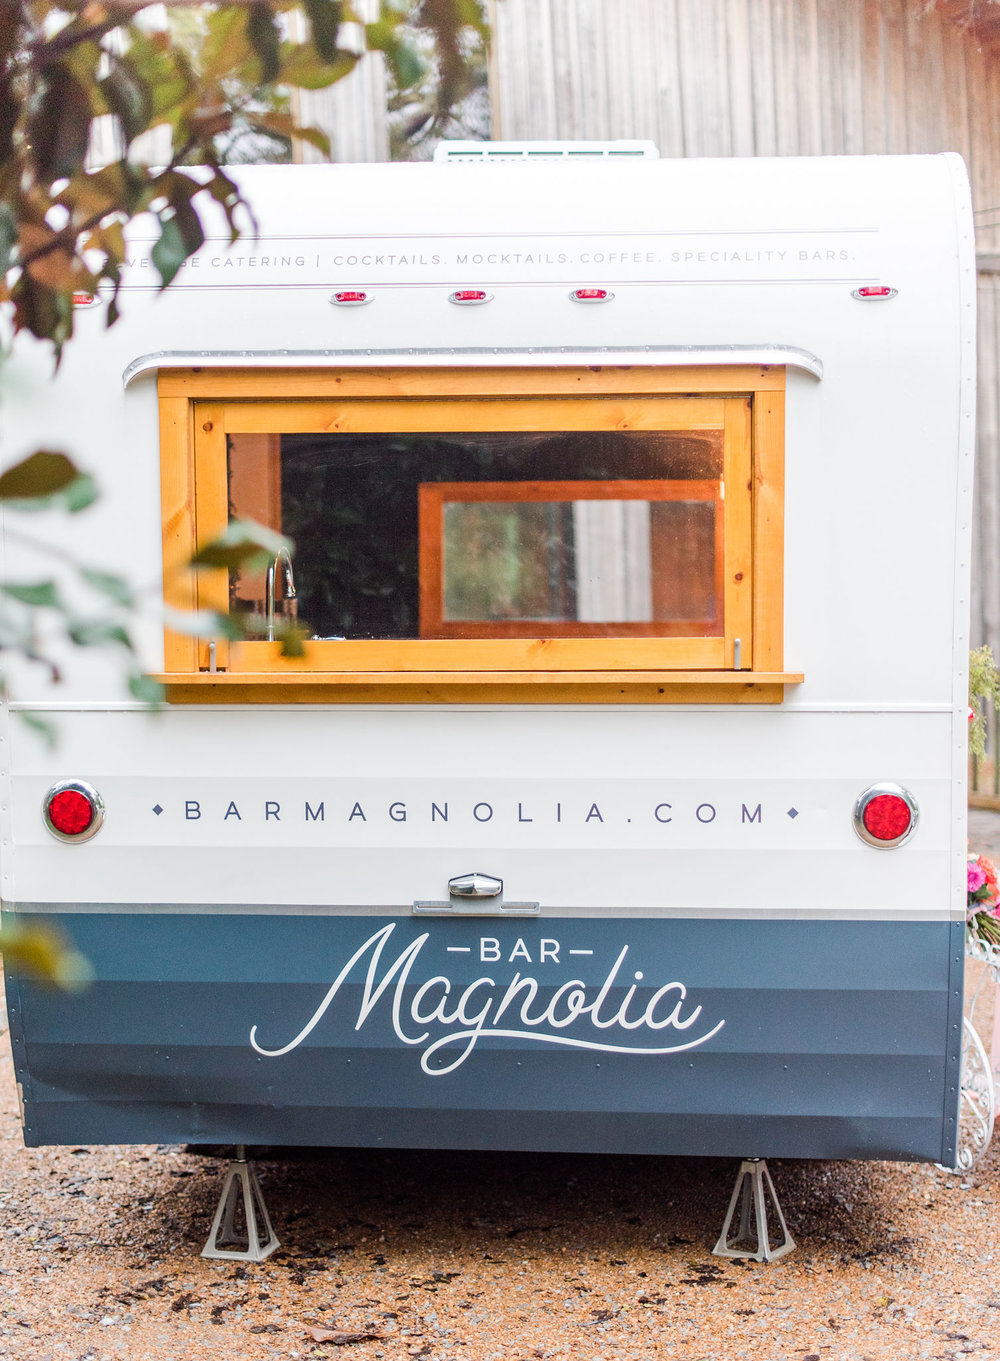 Vintage Camper Bar - Bar Magnolia - Mobile Bar - Bartending Service